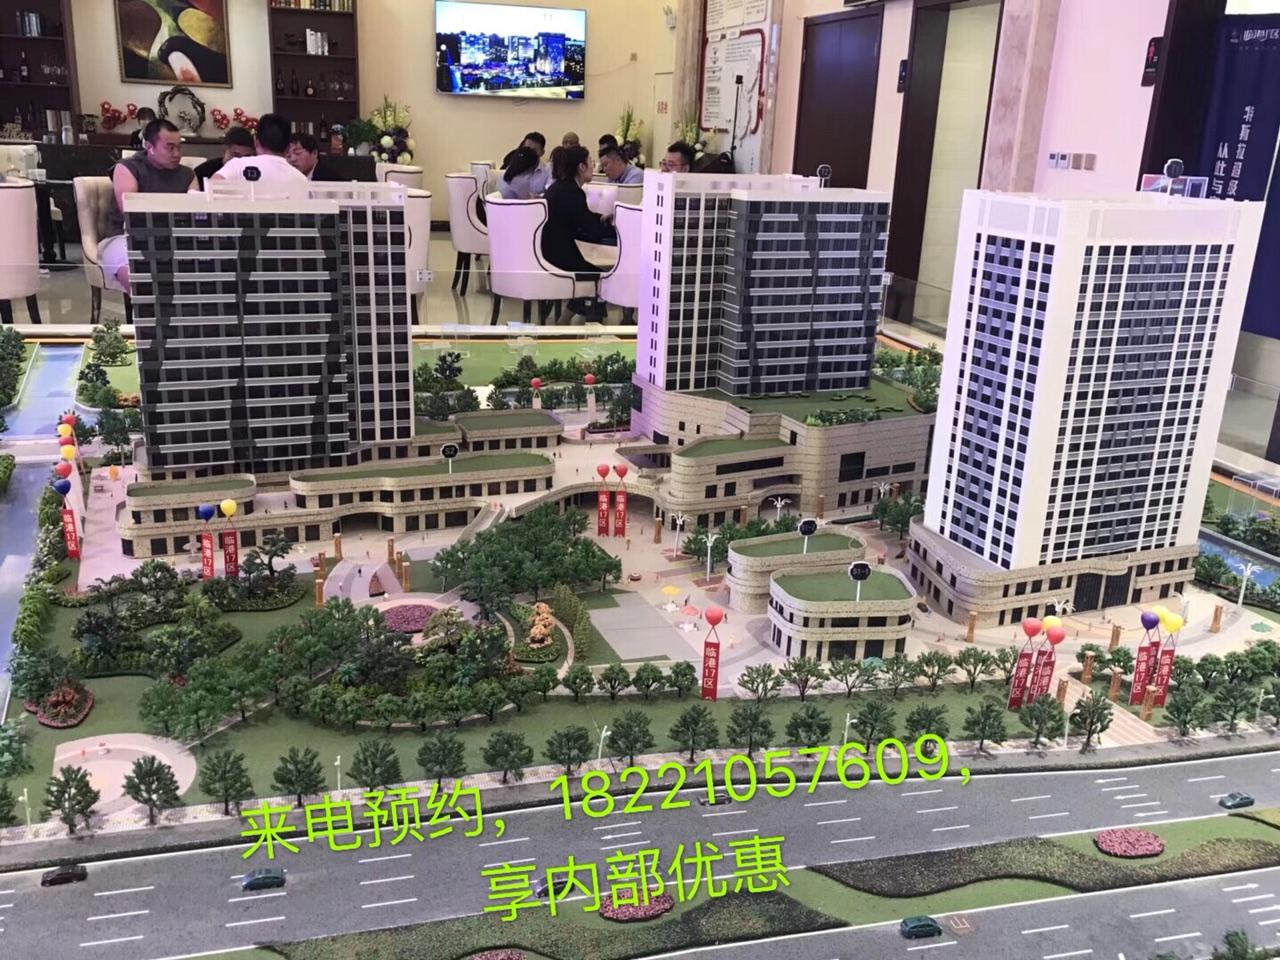 临港新城区临港十七区公寓怎么样?面积多大?单价多少